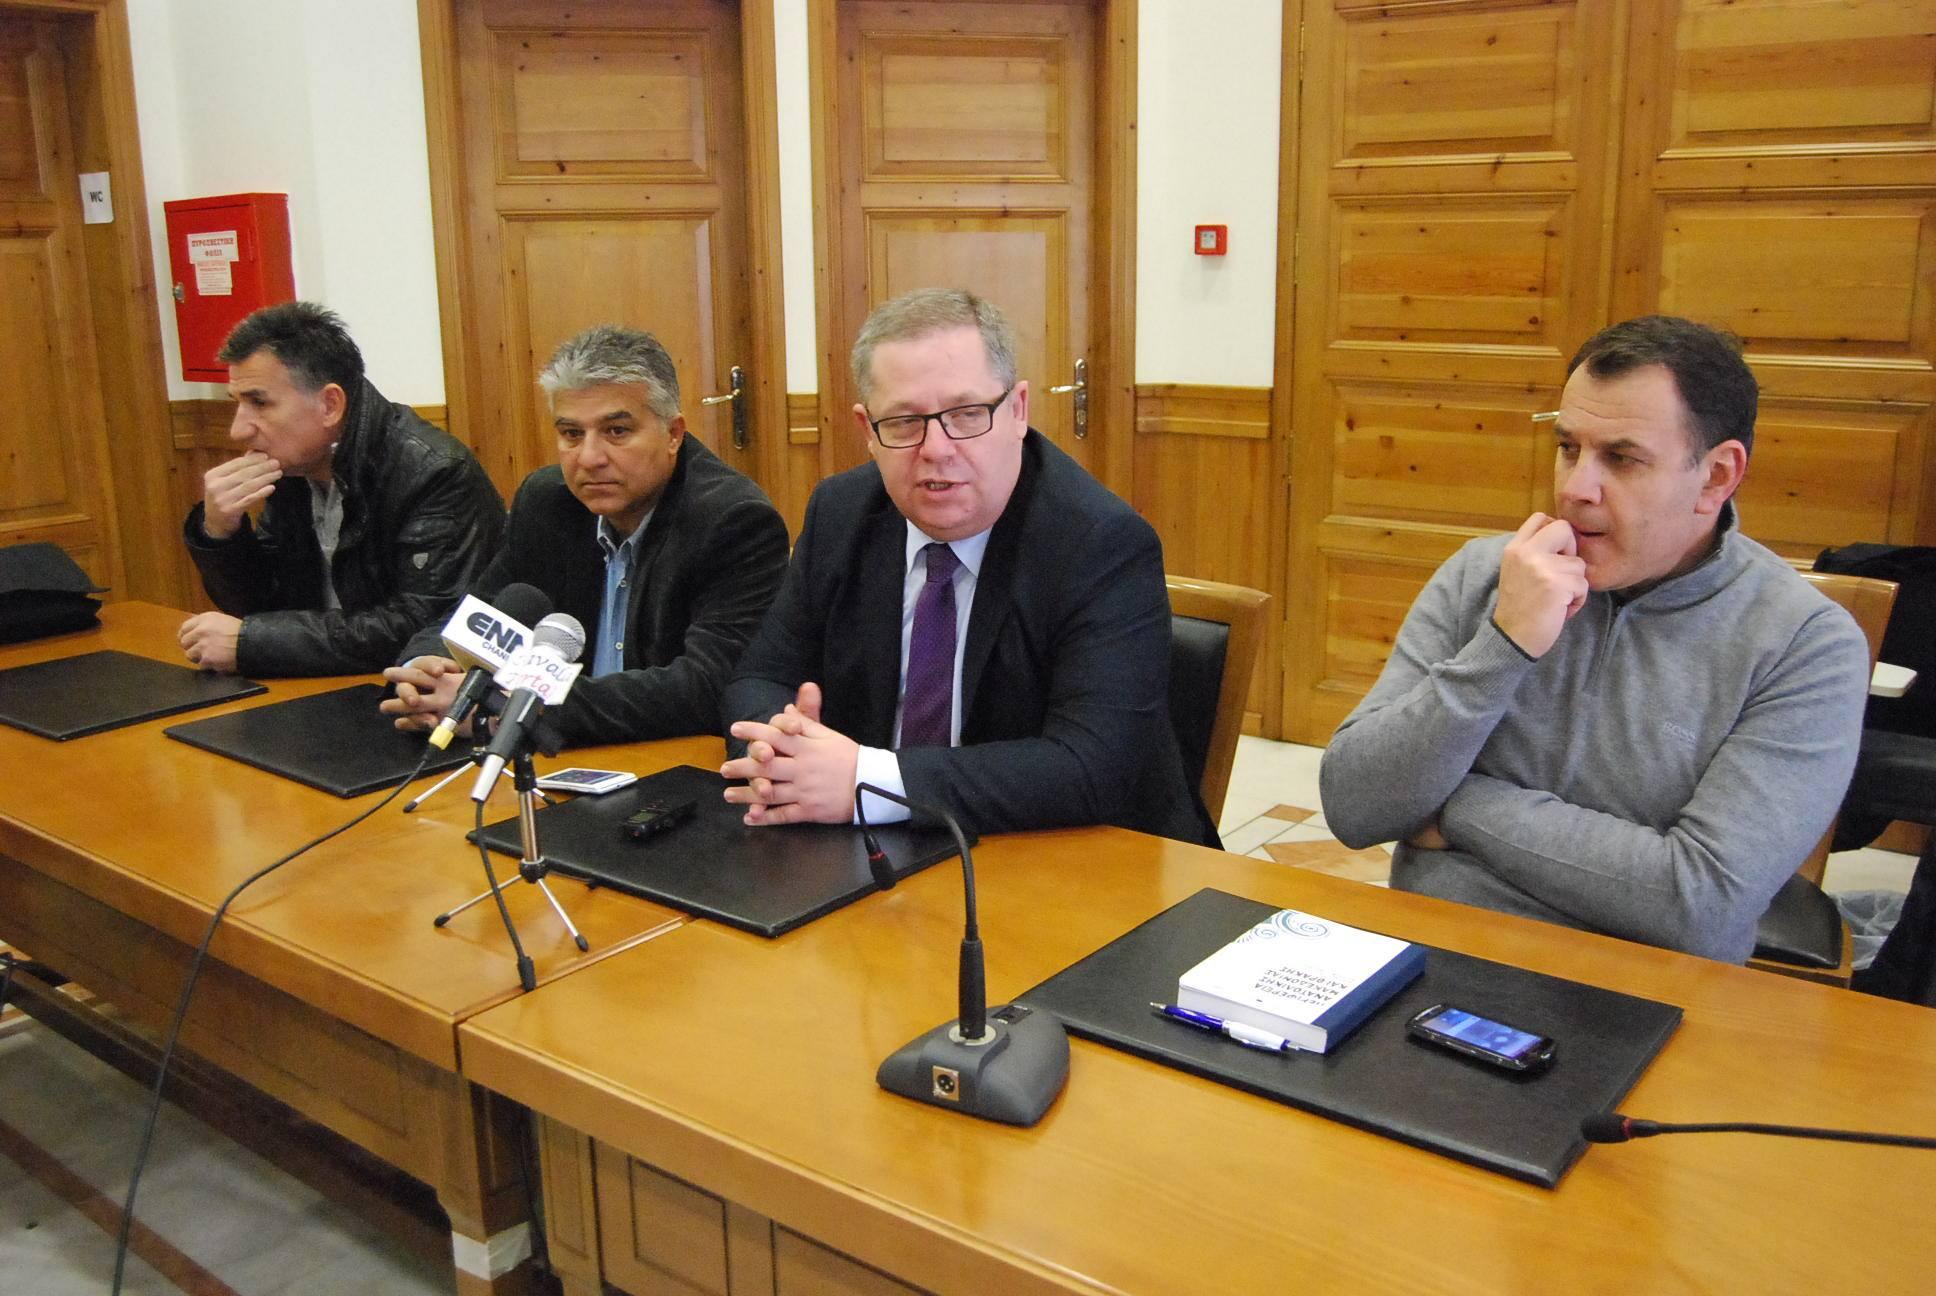 Μικρή σχετκά ήταν η ανταπόκριση στην σύσκεψη που πραγματοποιήθηκε για τον Α.Ο.Κ. με πρωτοβουλία του Αντιπεριφερειάρχη Καβάλας Θεόδωρου Μαρκόπουλου